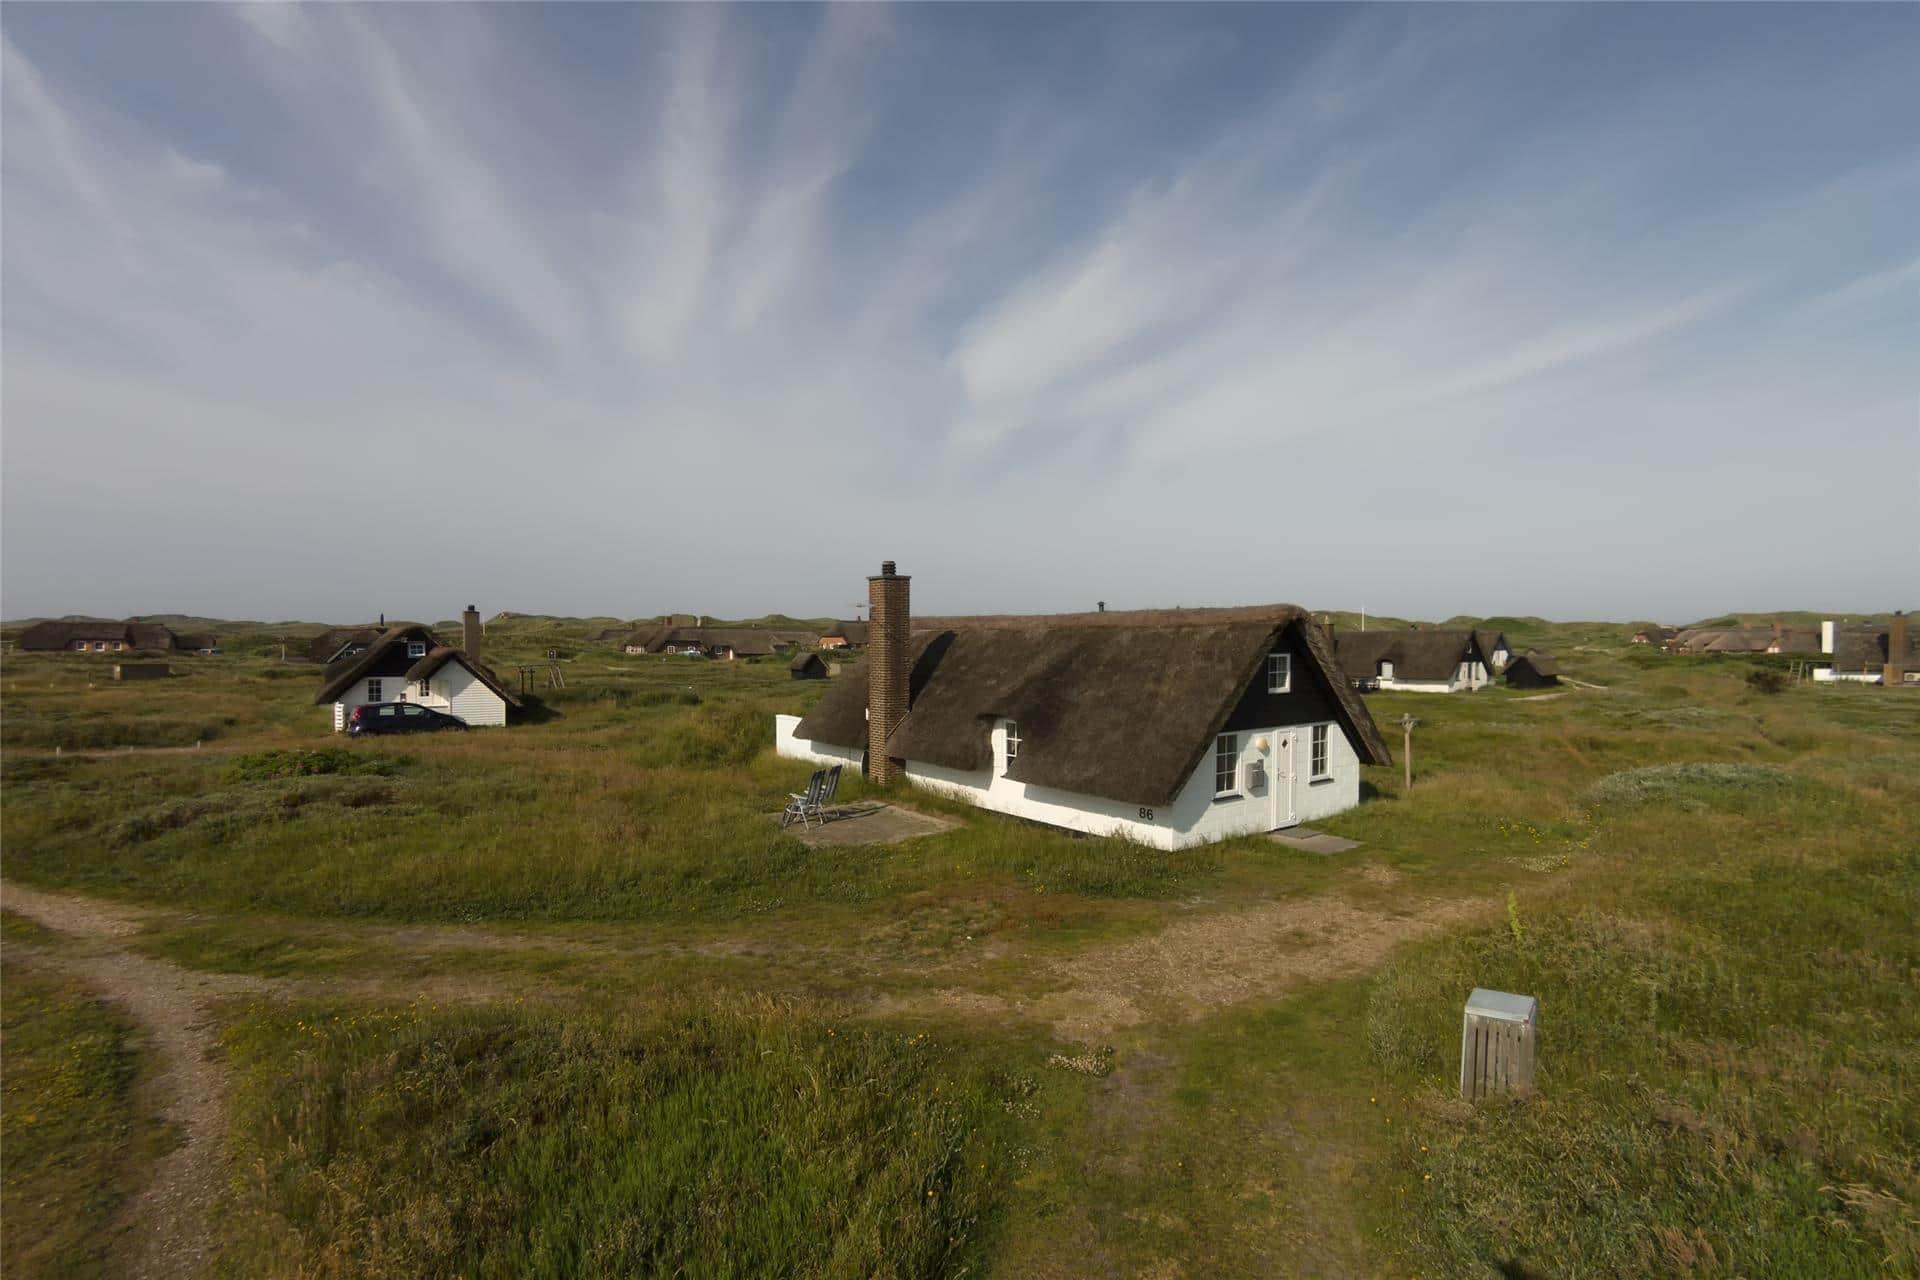 Billede 1-4 Sommerhus 274, Nordsø Ferievej 86, DK - 6950 Ringkøbing